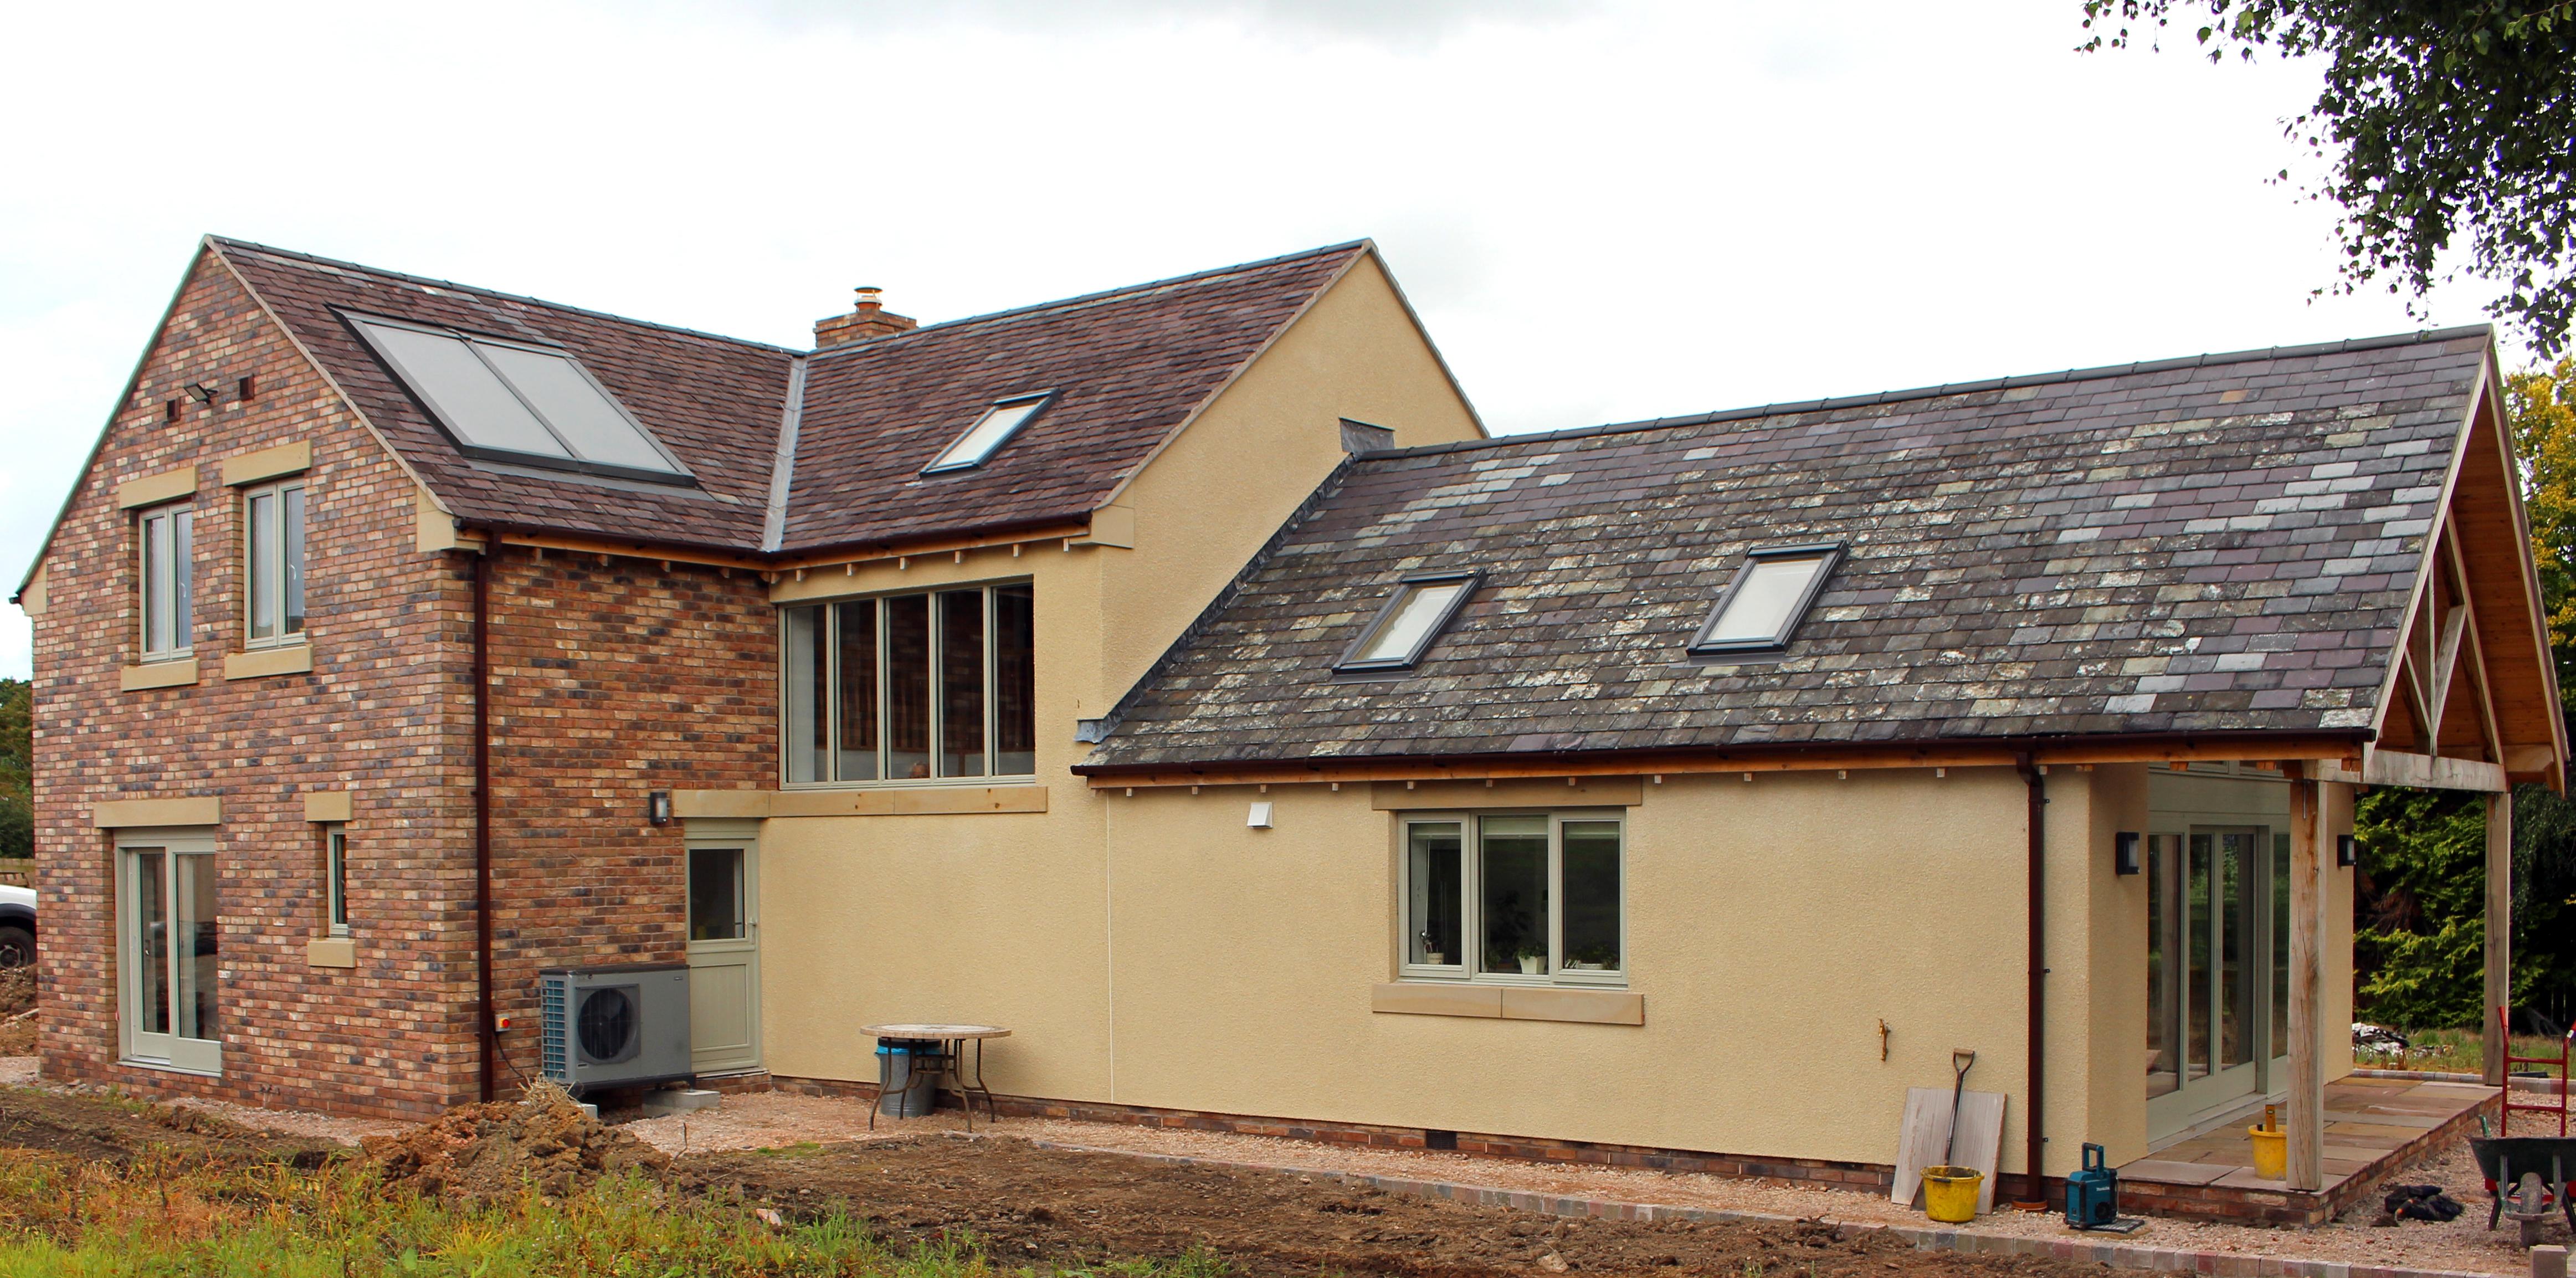 aluminium_clad_windows_and_doors_from_AJD_Chapelhow